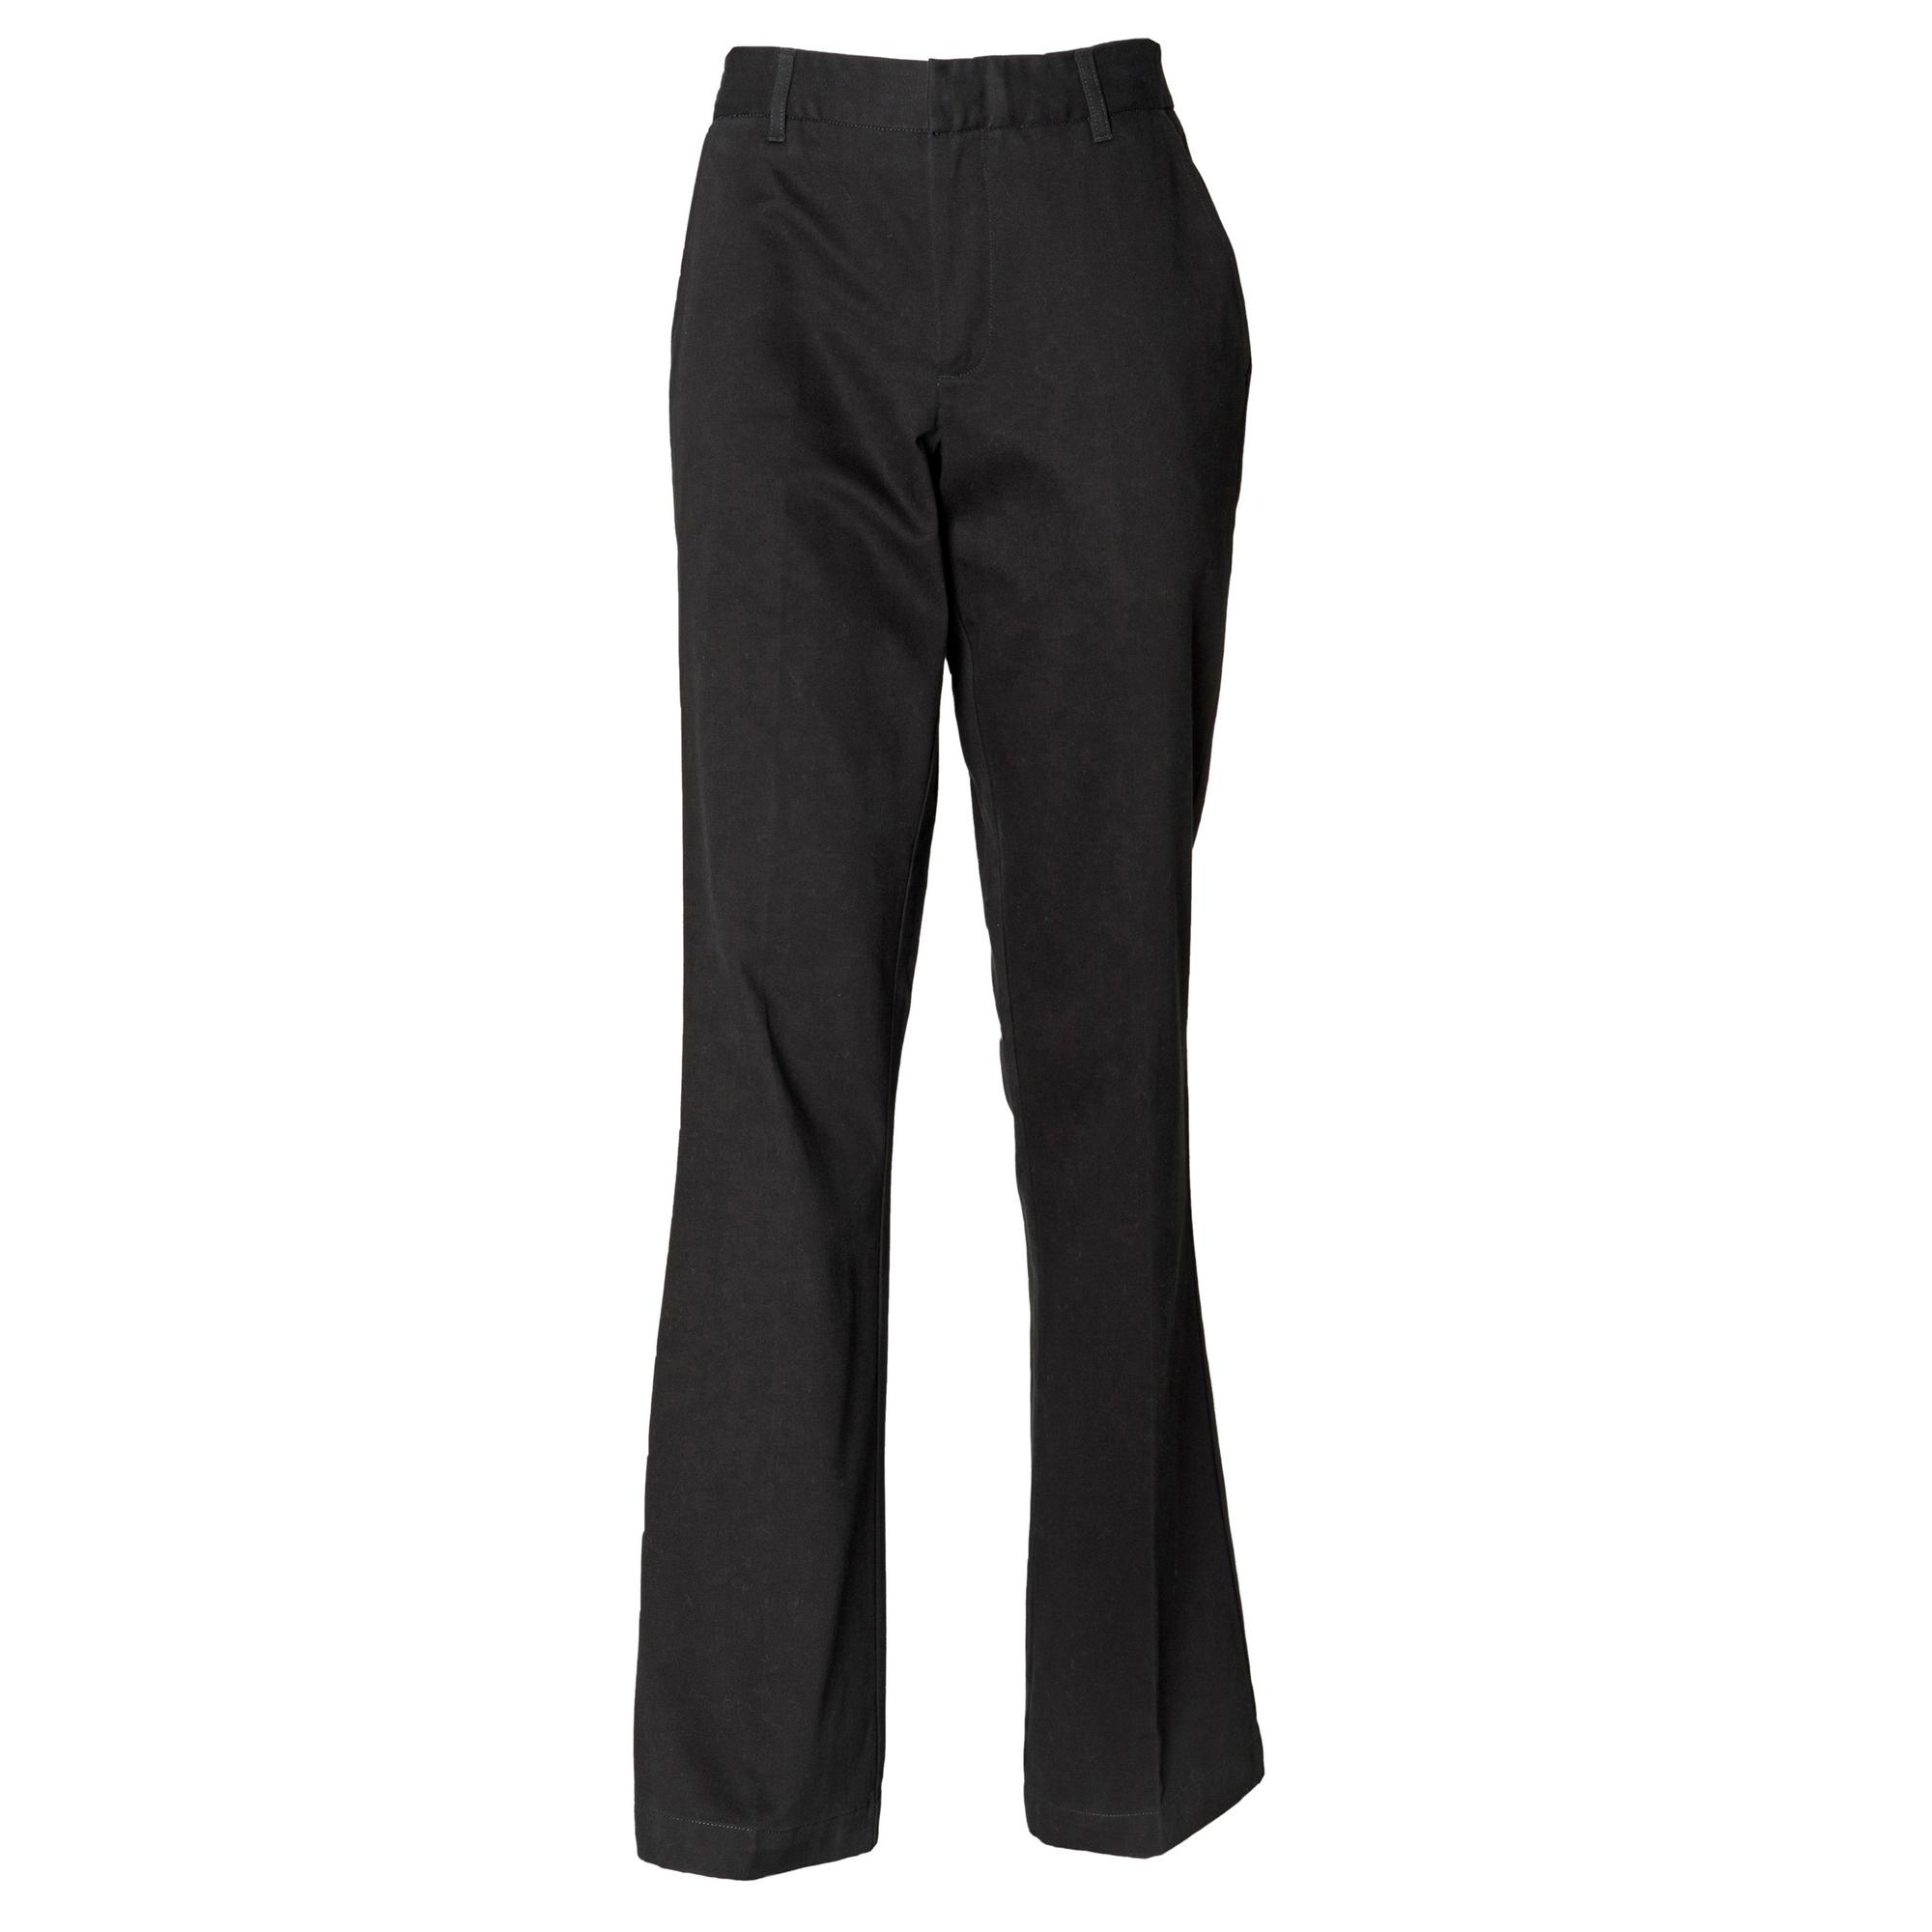 Henbury-Pantalon-de-travail-Femme-FR-36-50-3-couleurs